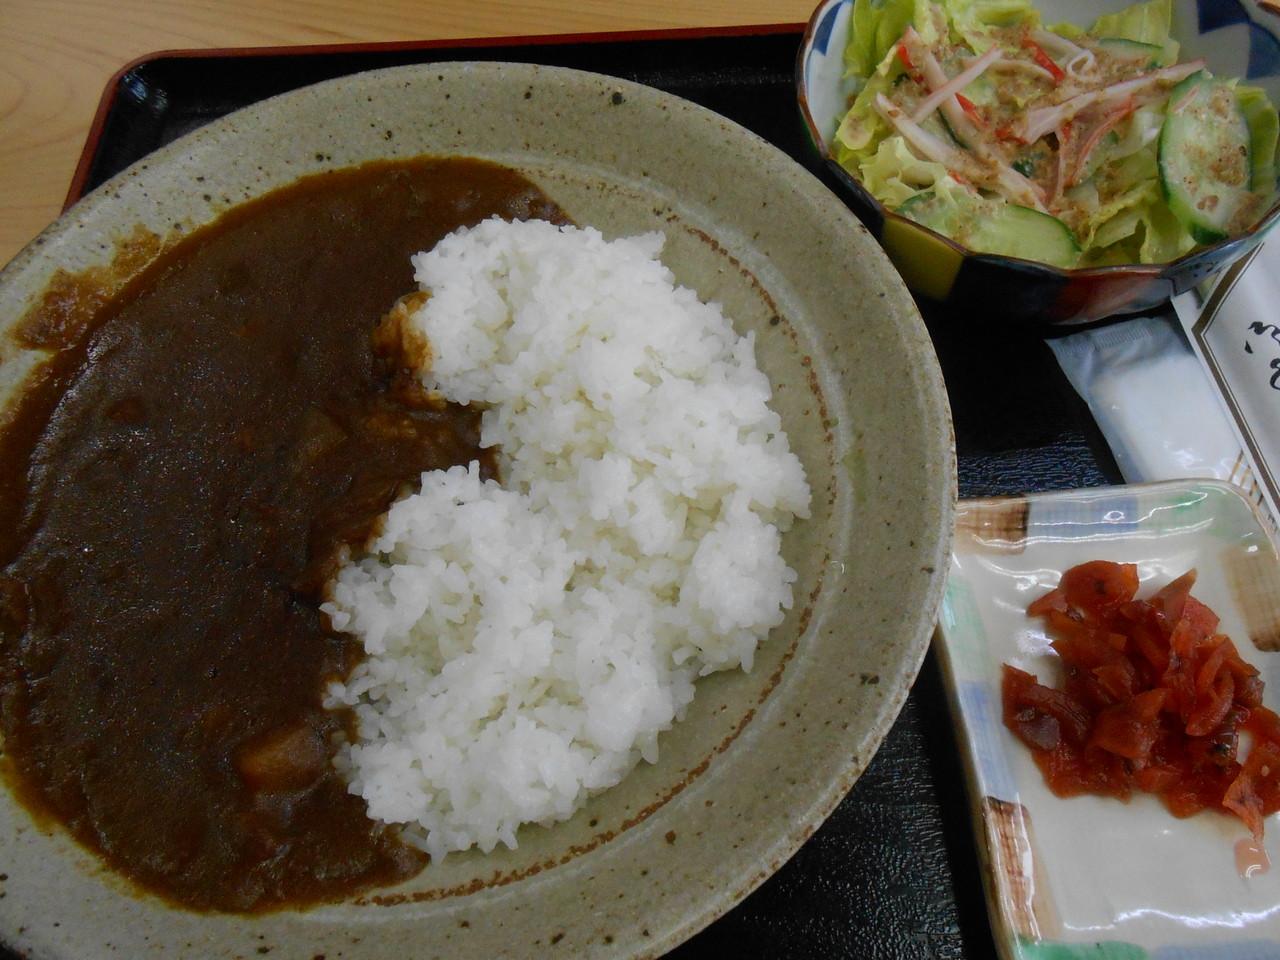 「かどや喫茶店」 サラダ付きセット500円、サラダ・コーヒー付きセット600円です